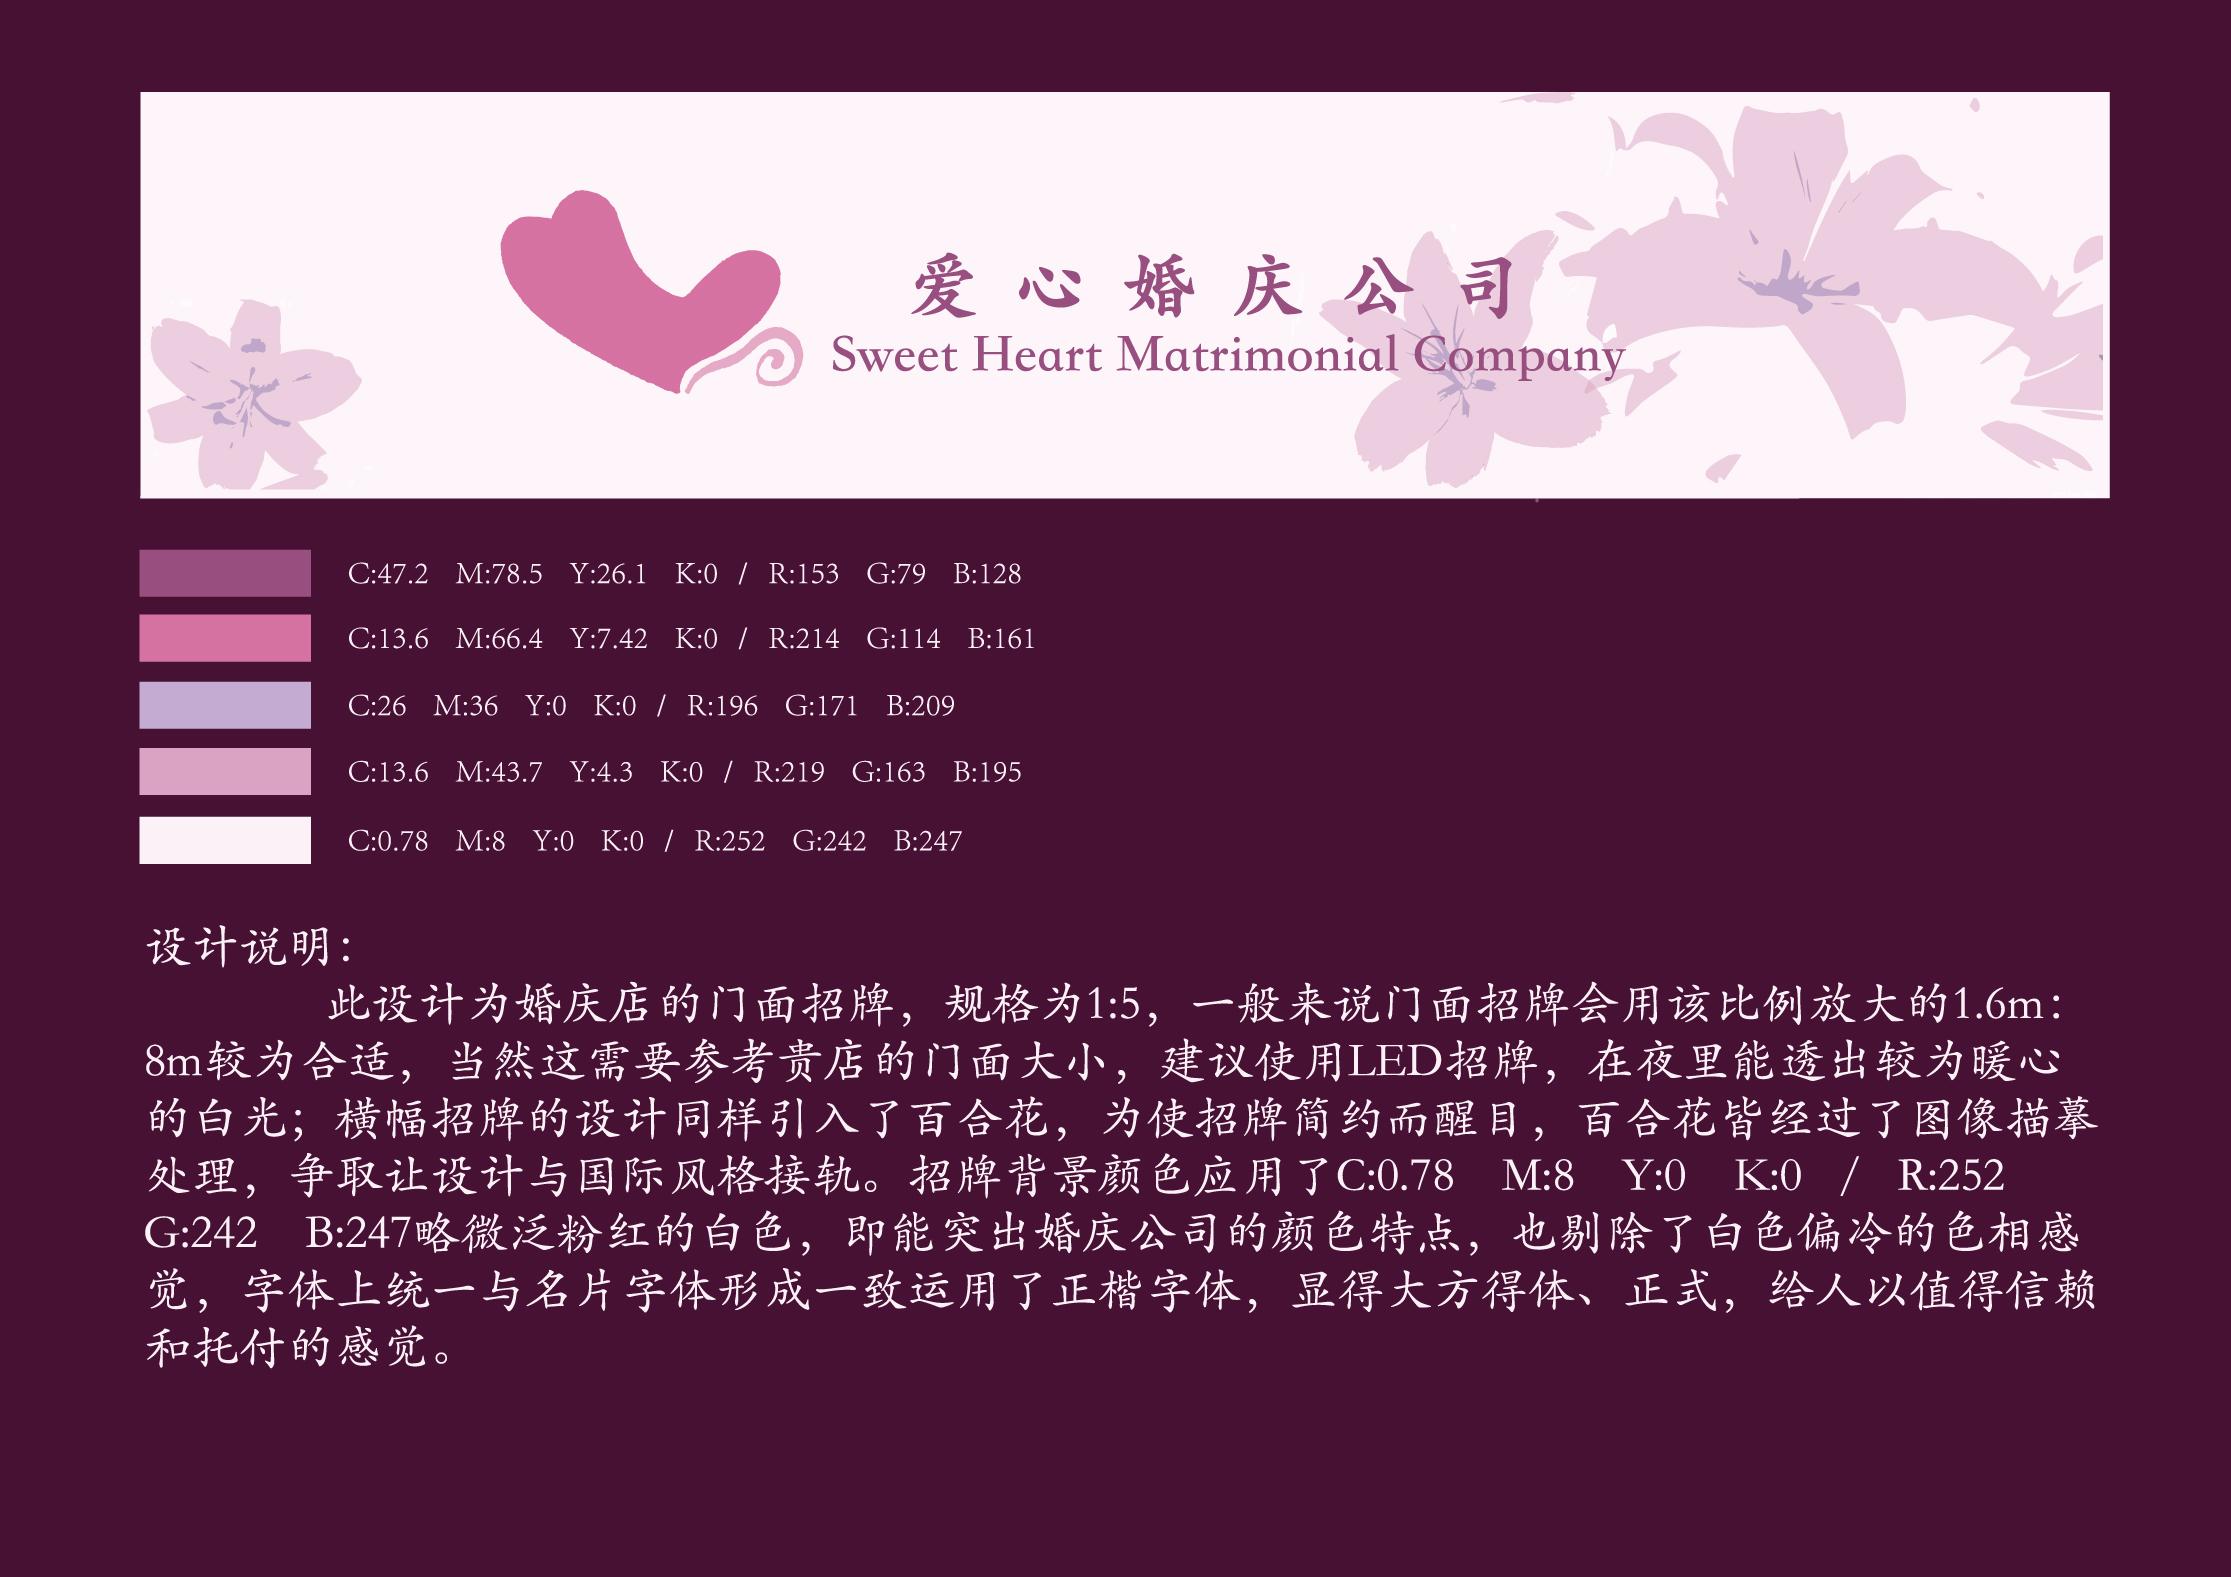 爱心婚庆公司logo 及名片招牌设计